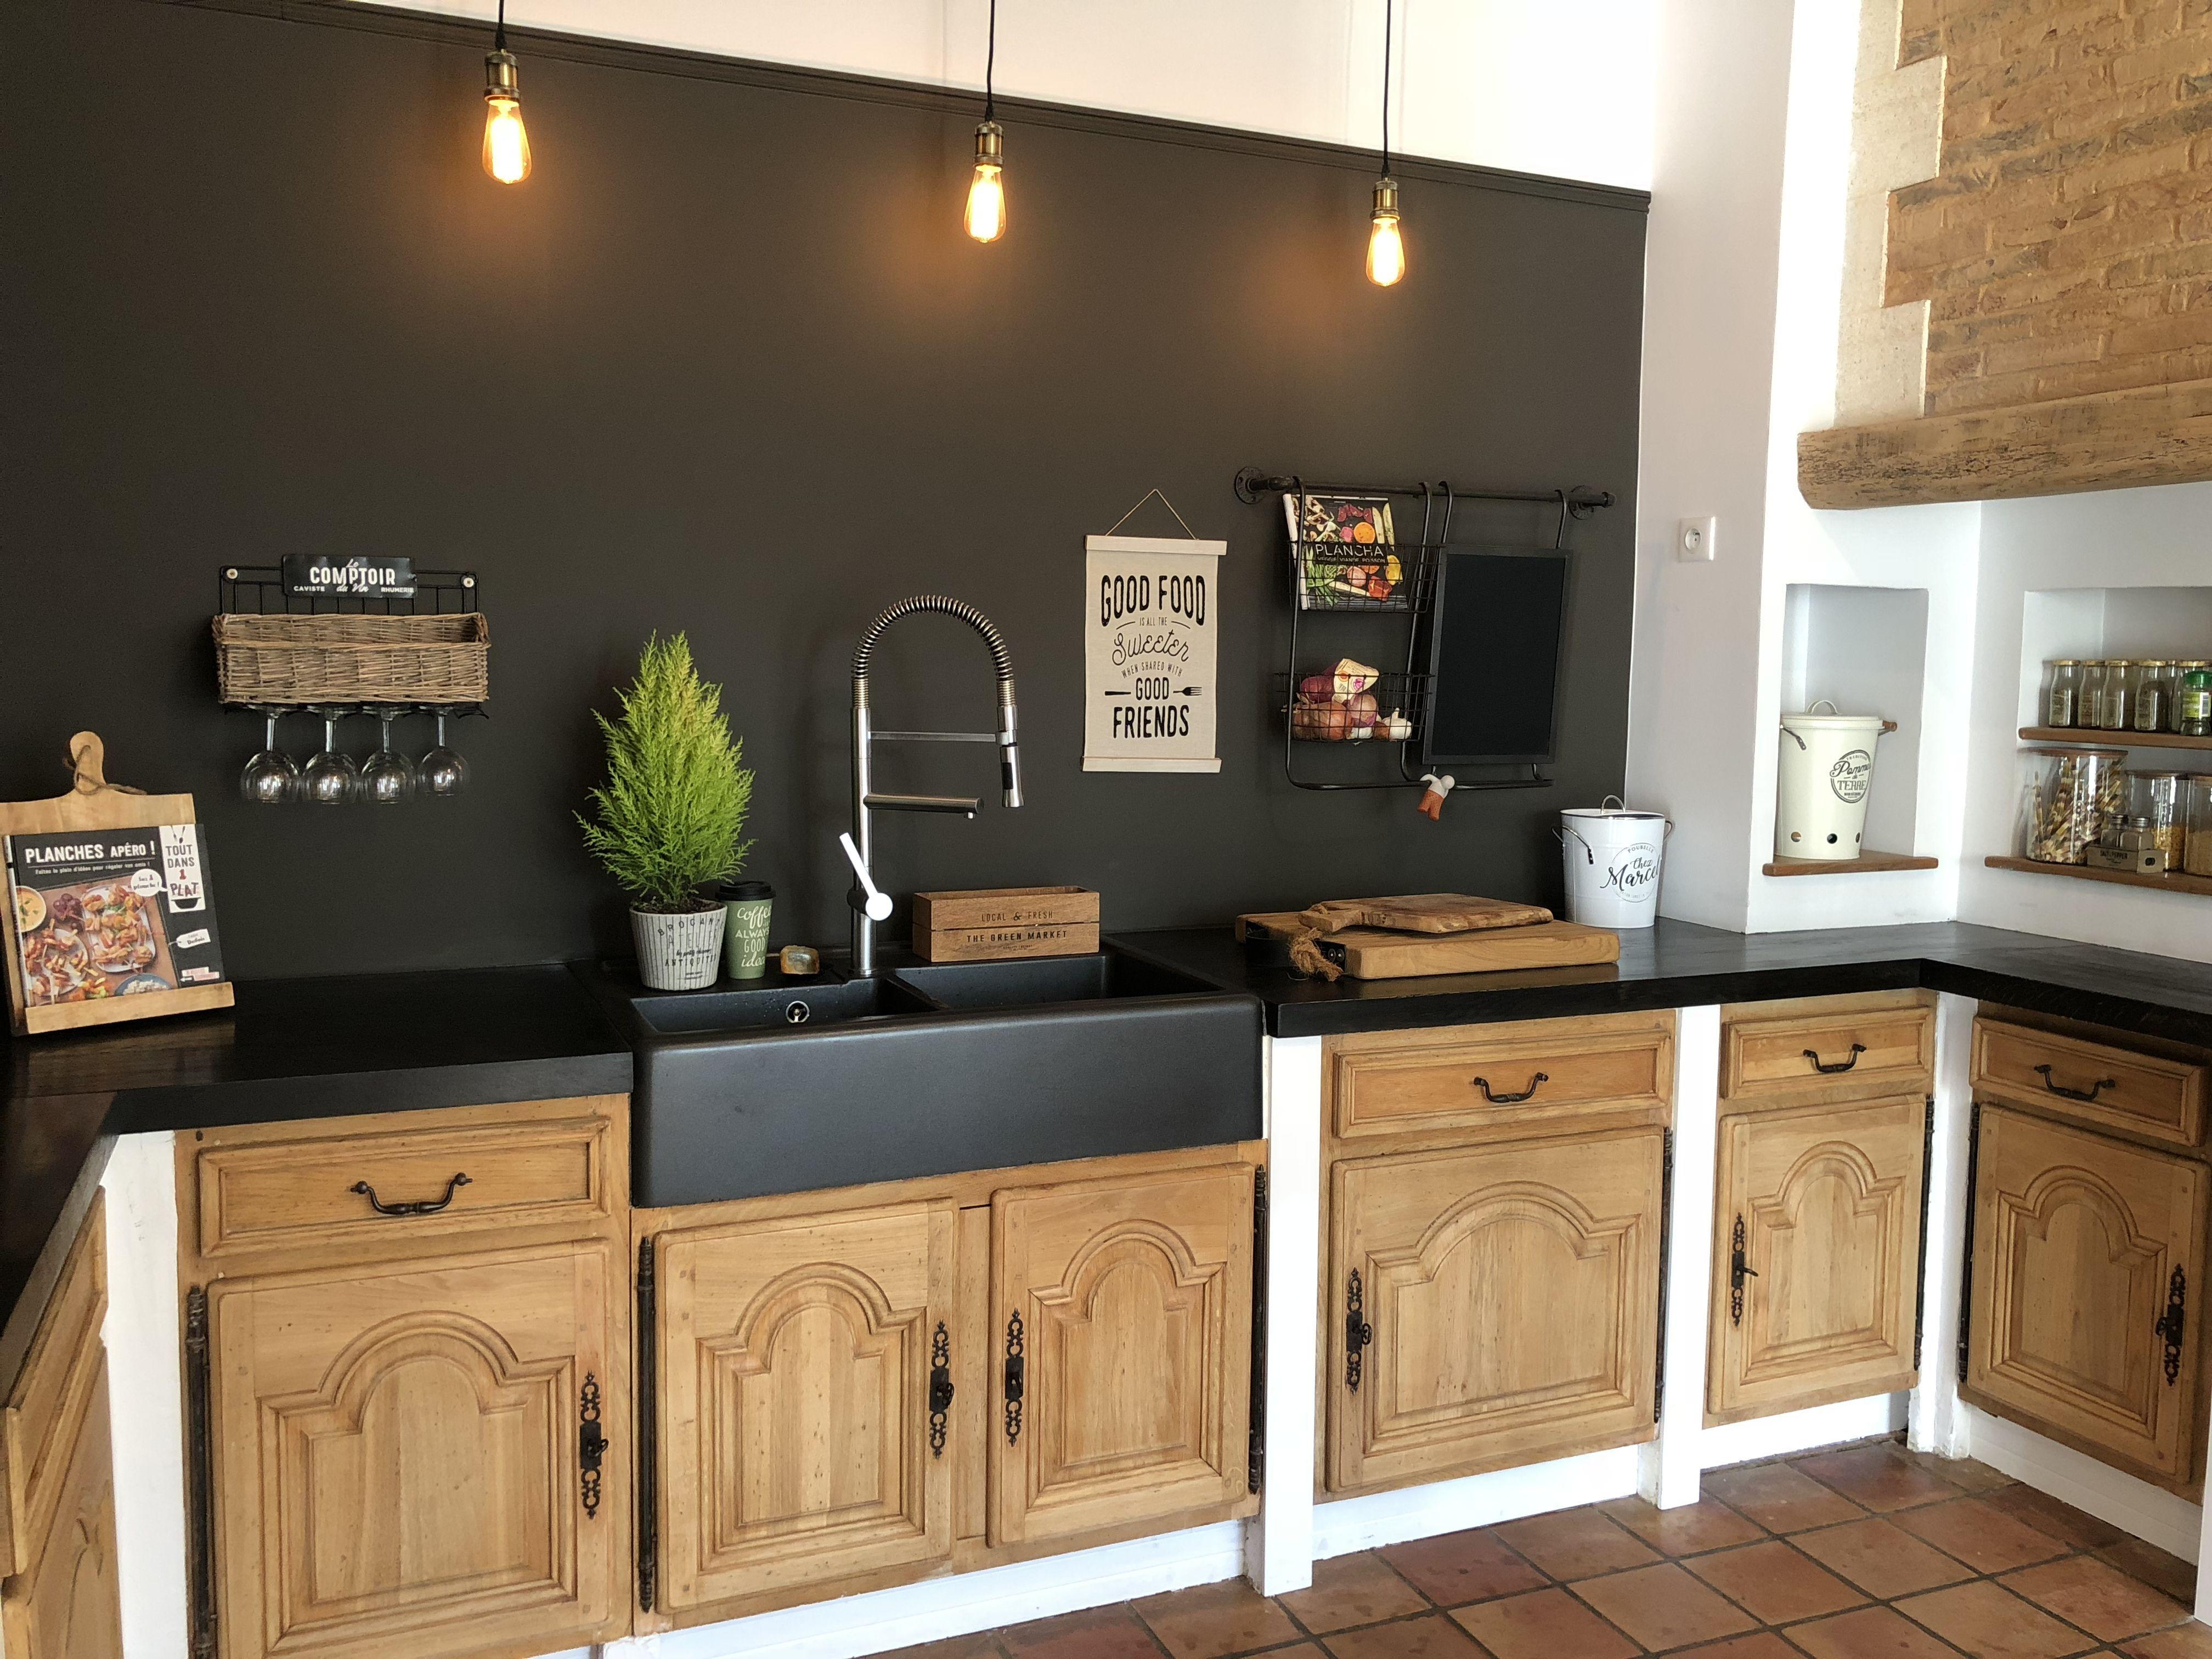 Cuisine Restauree Avec Des Meubles Ponces Redonnant L Aspect Du Bois Naturel Associes A Une Peinture Noir Meuble Cuisine Cuisine Rustique Mobilier De Salon